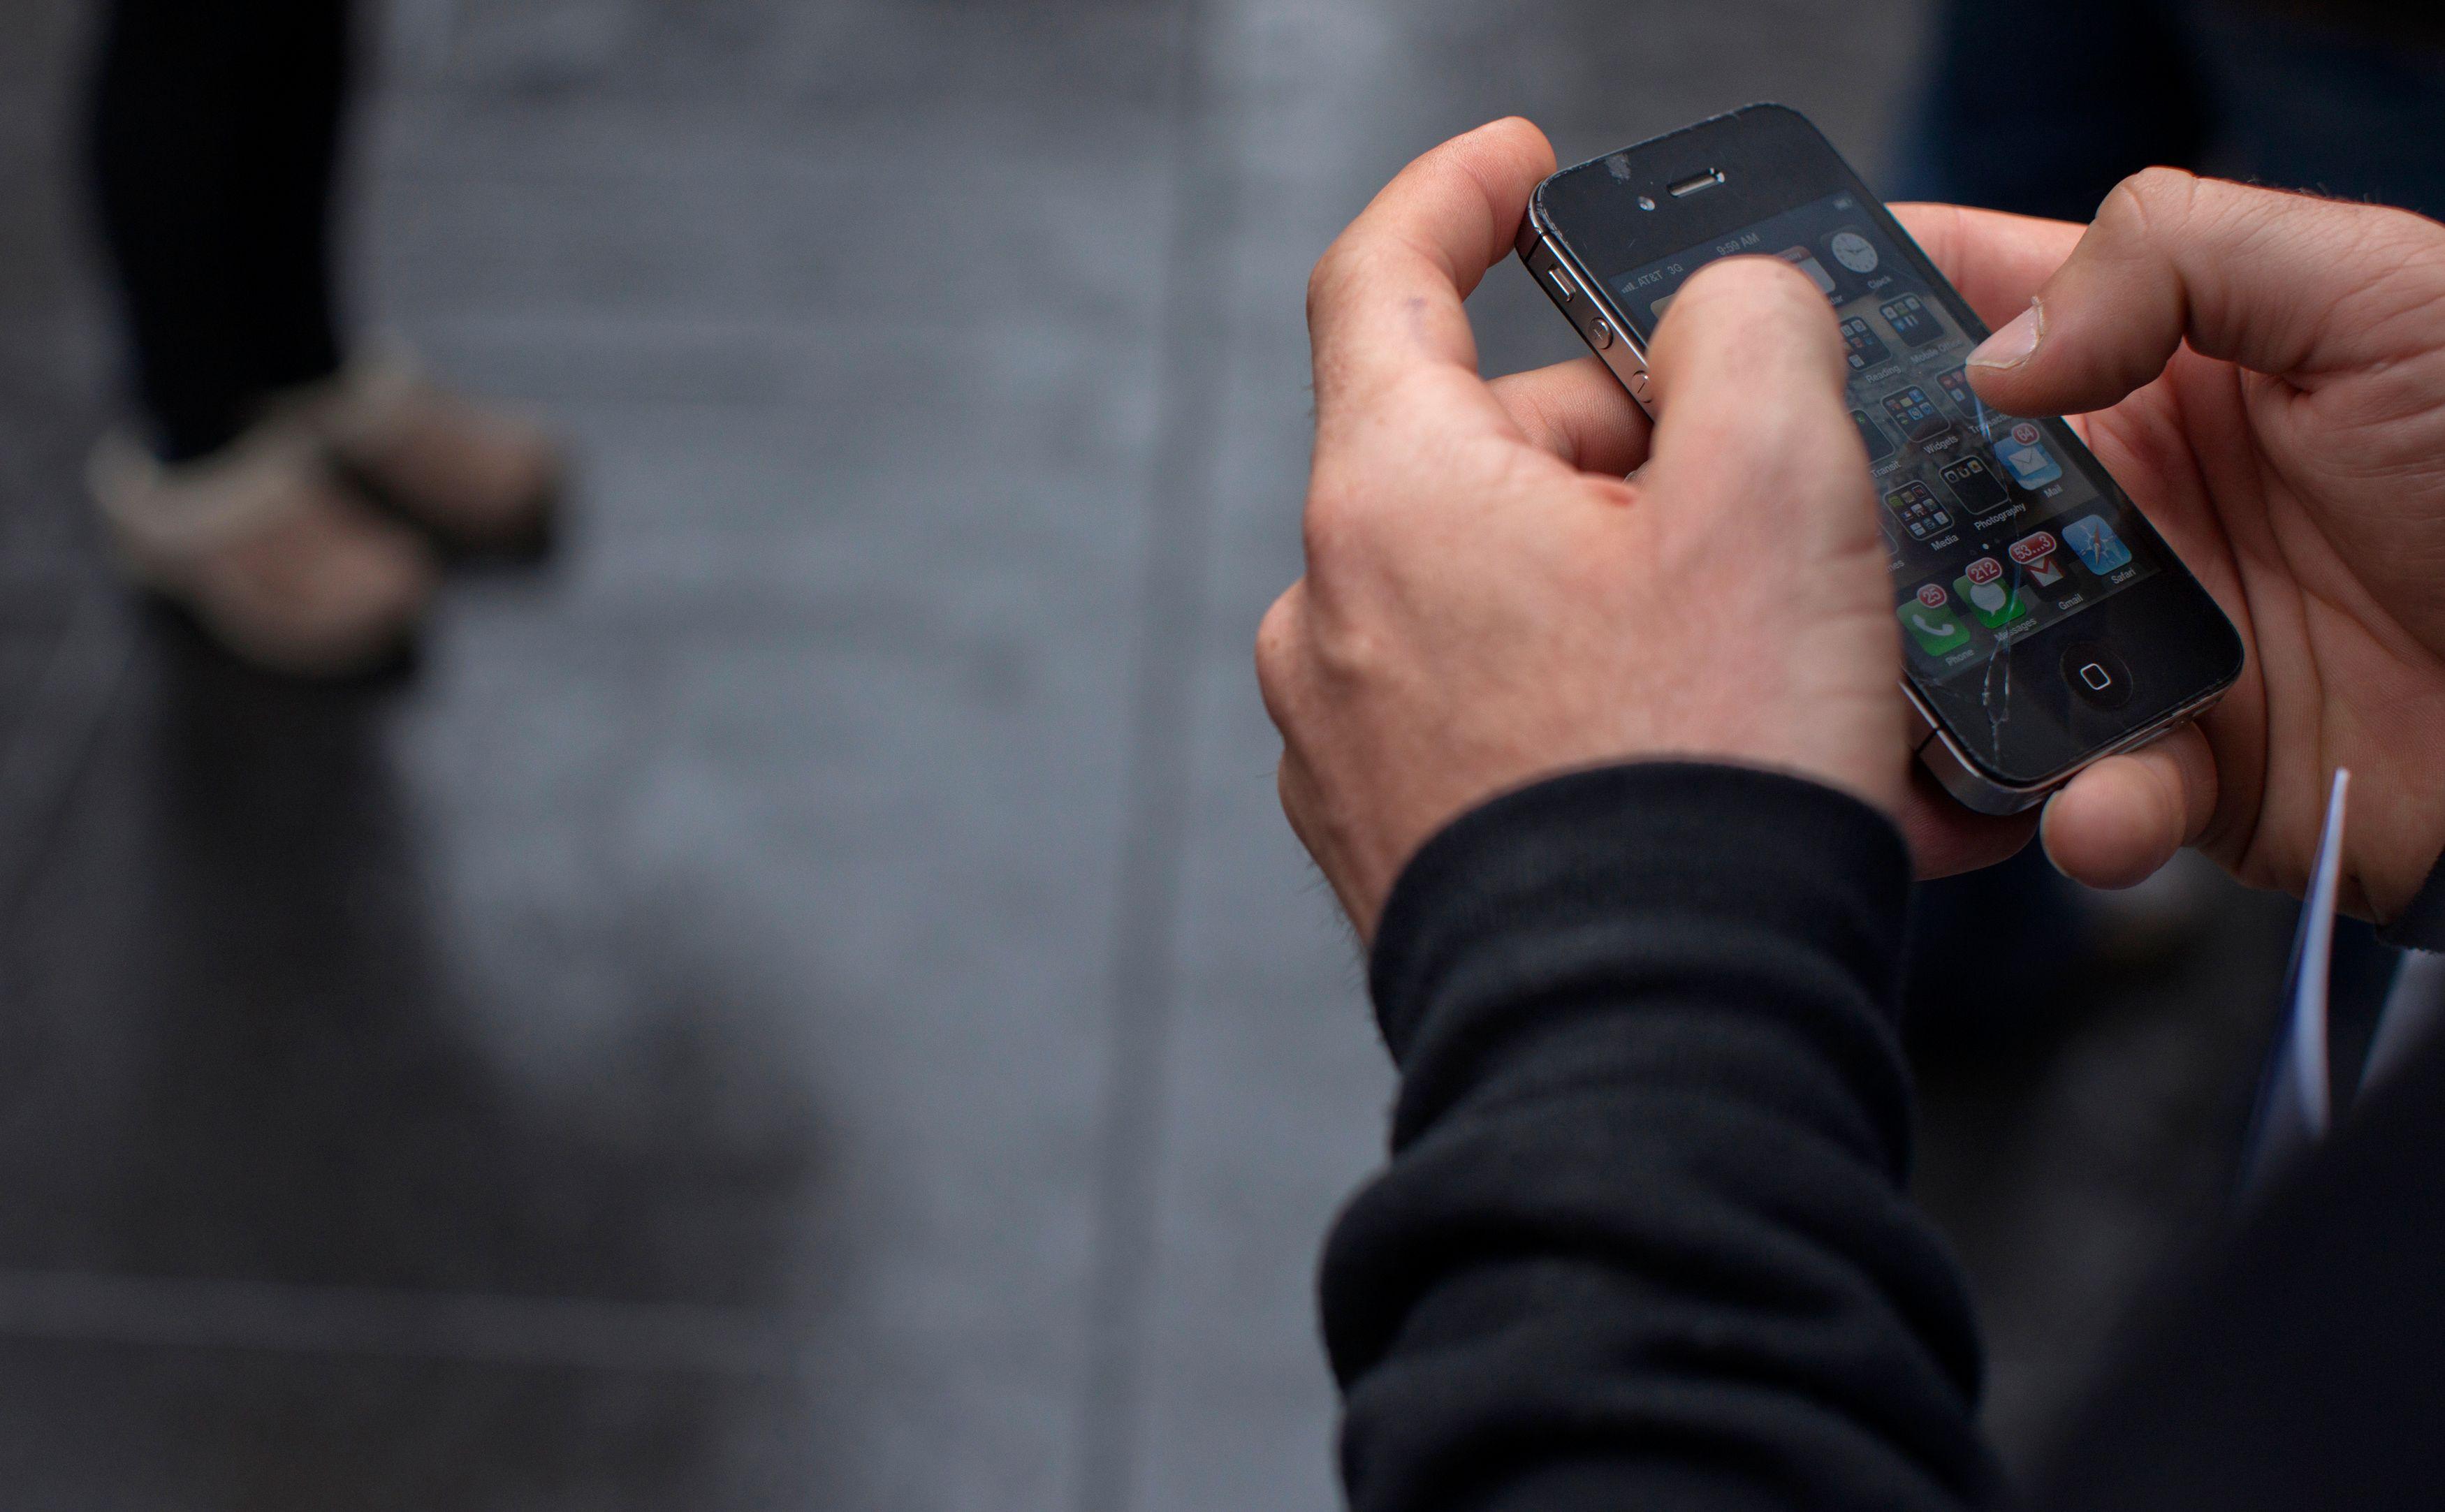 Un dirigeant utilise son smartphone entre 13 et 18 heures par jour.